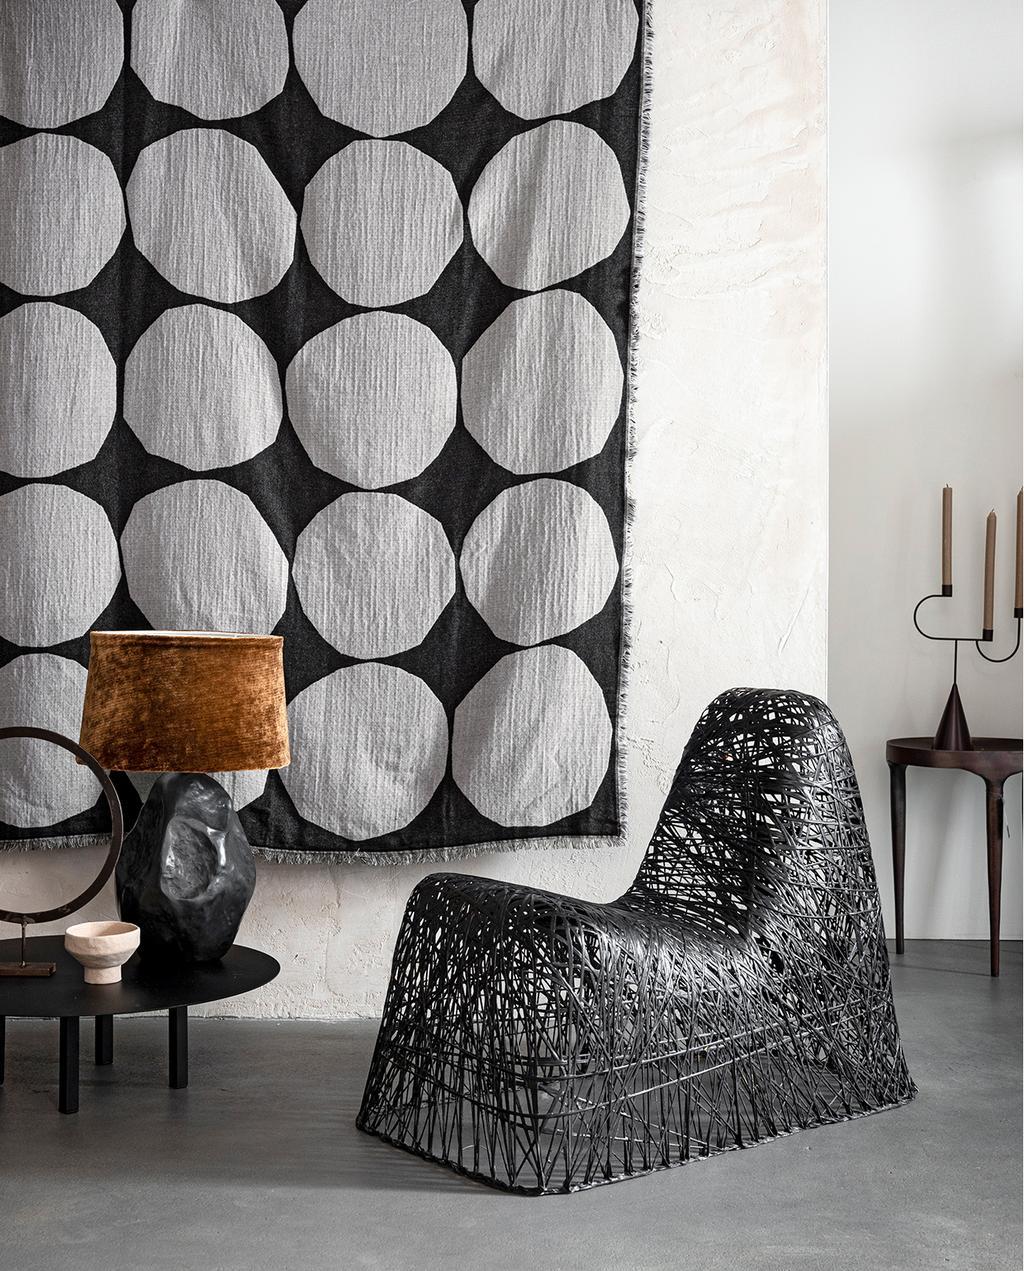 vtwonen 03-2020 stof verf & behang | zithoek met donker wandkleed met bollen patroon